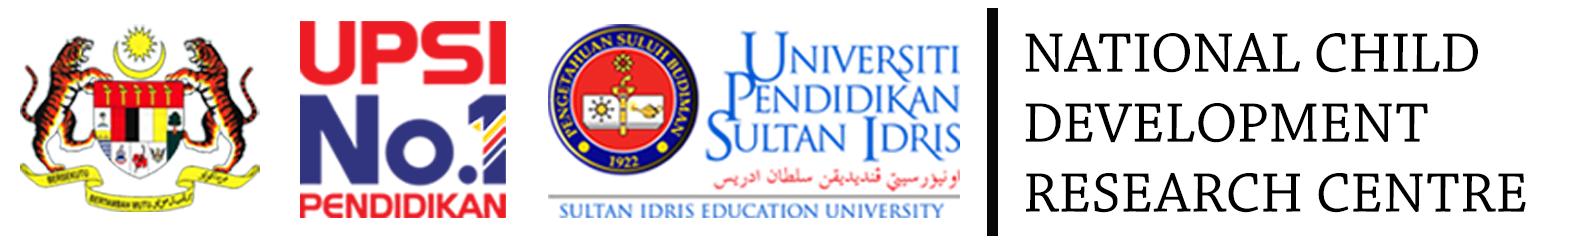 UPSI | Pusat Penyelidikan Perkembangan Kanak-kanak Negara (NCDRC)